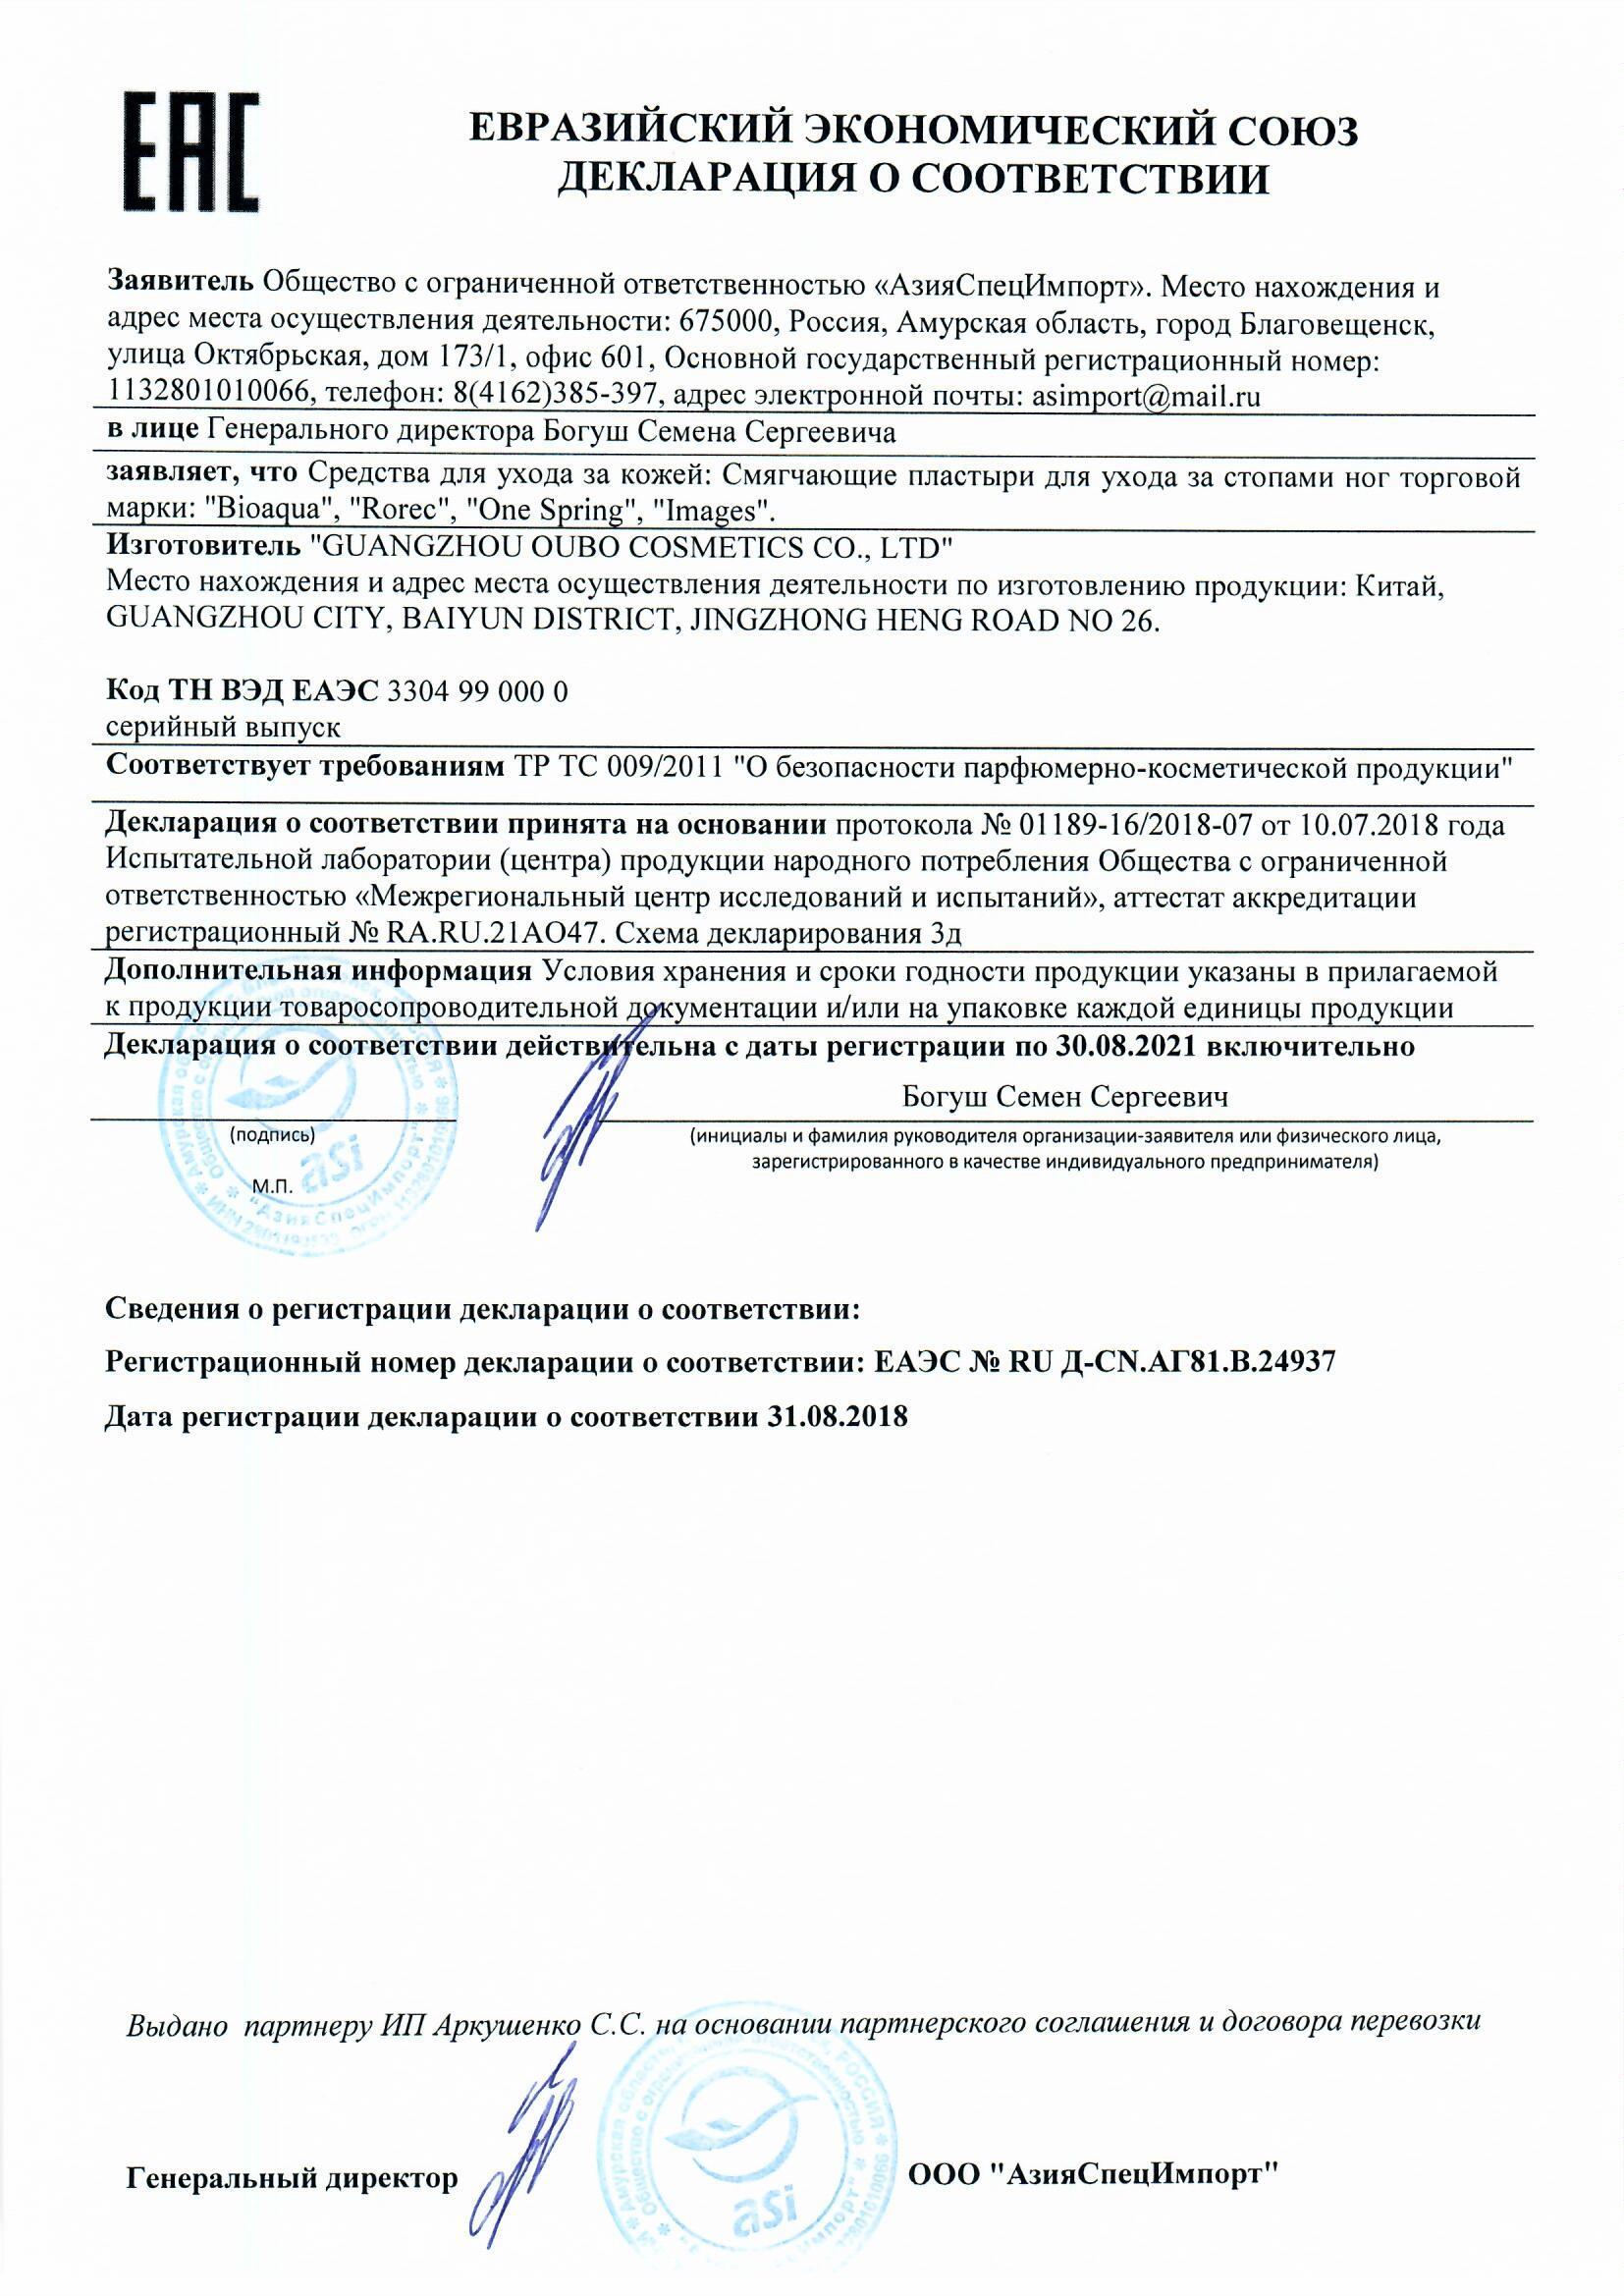 7._Пластыри_для_ног.jpg